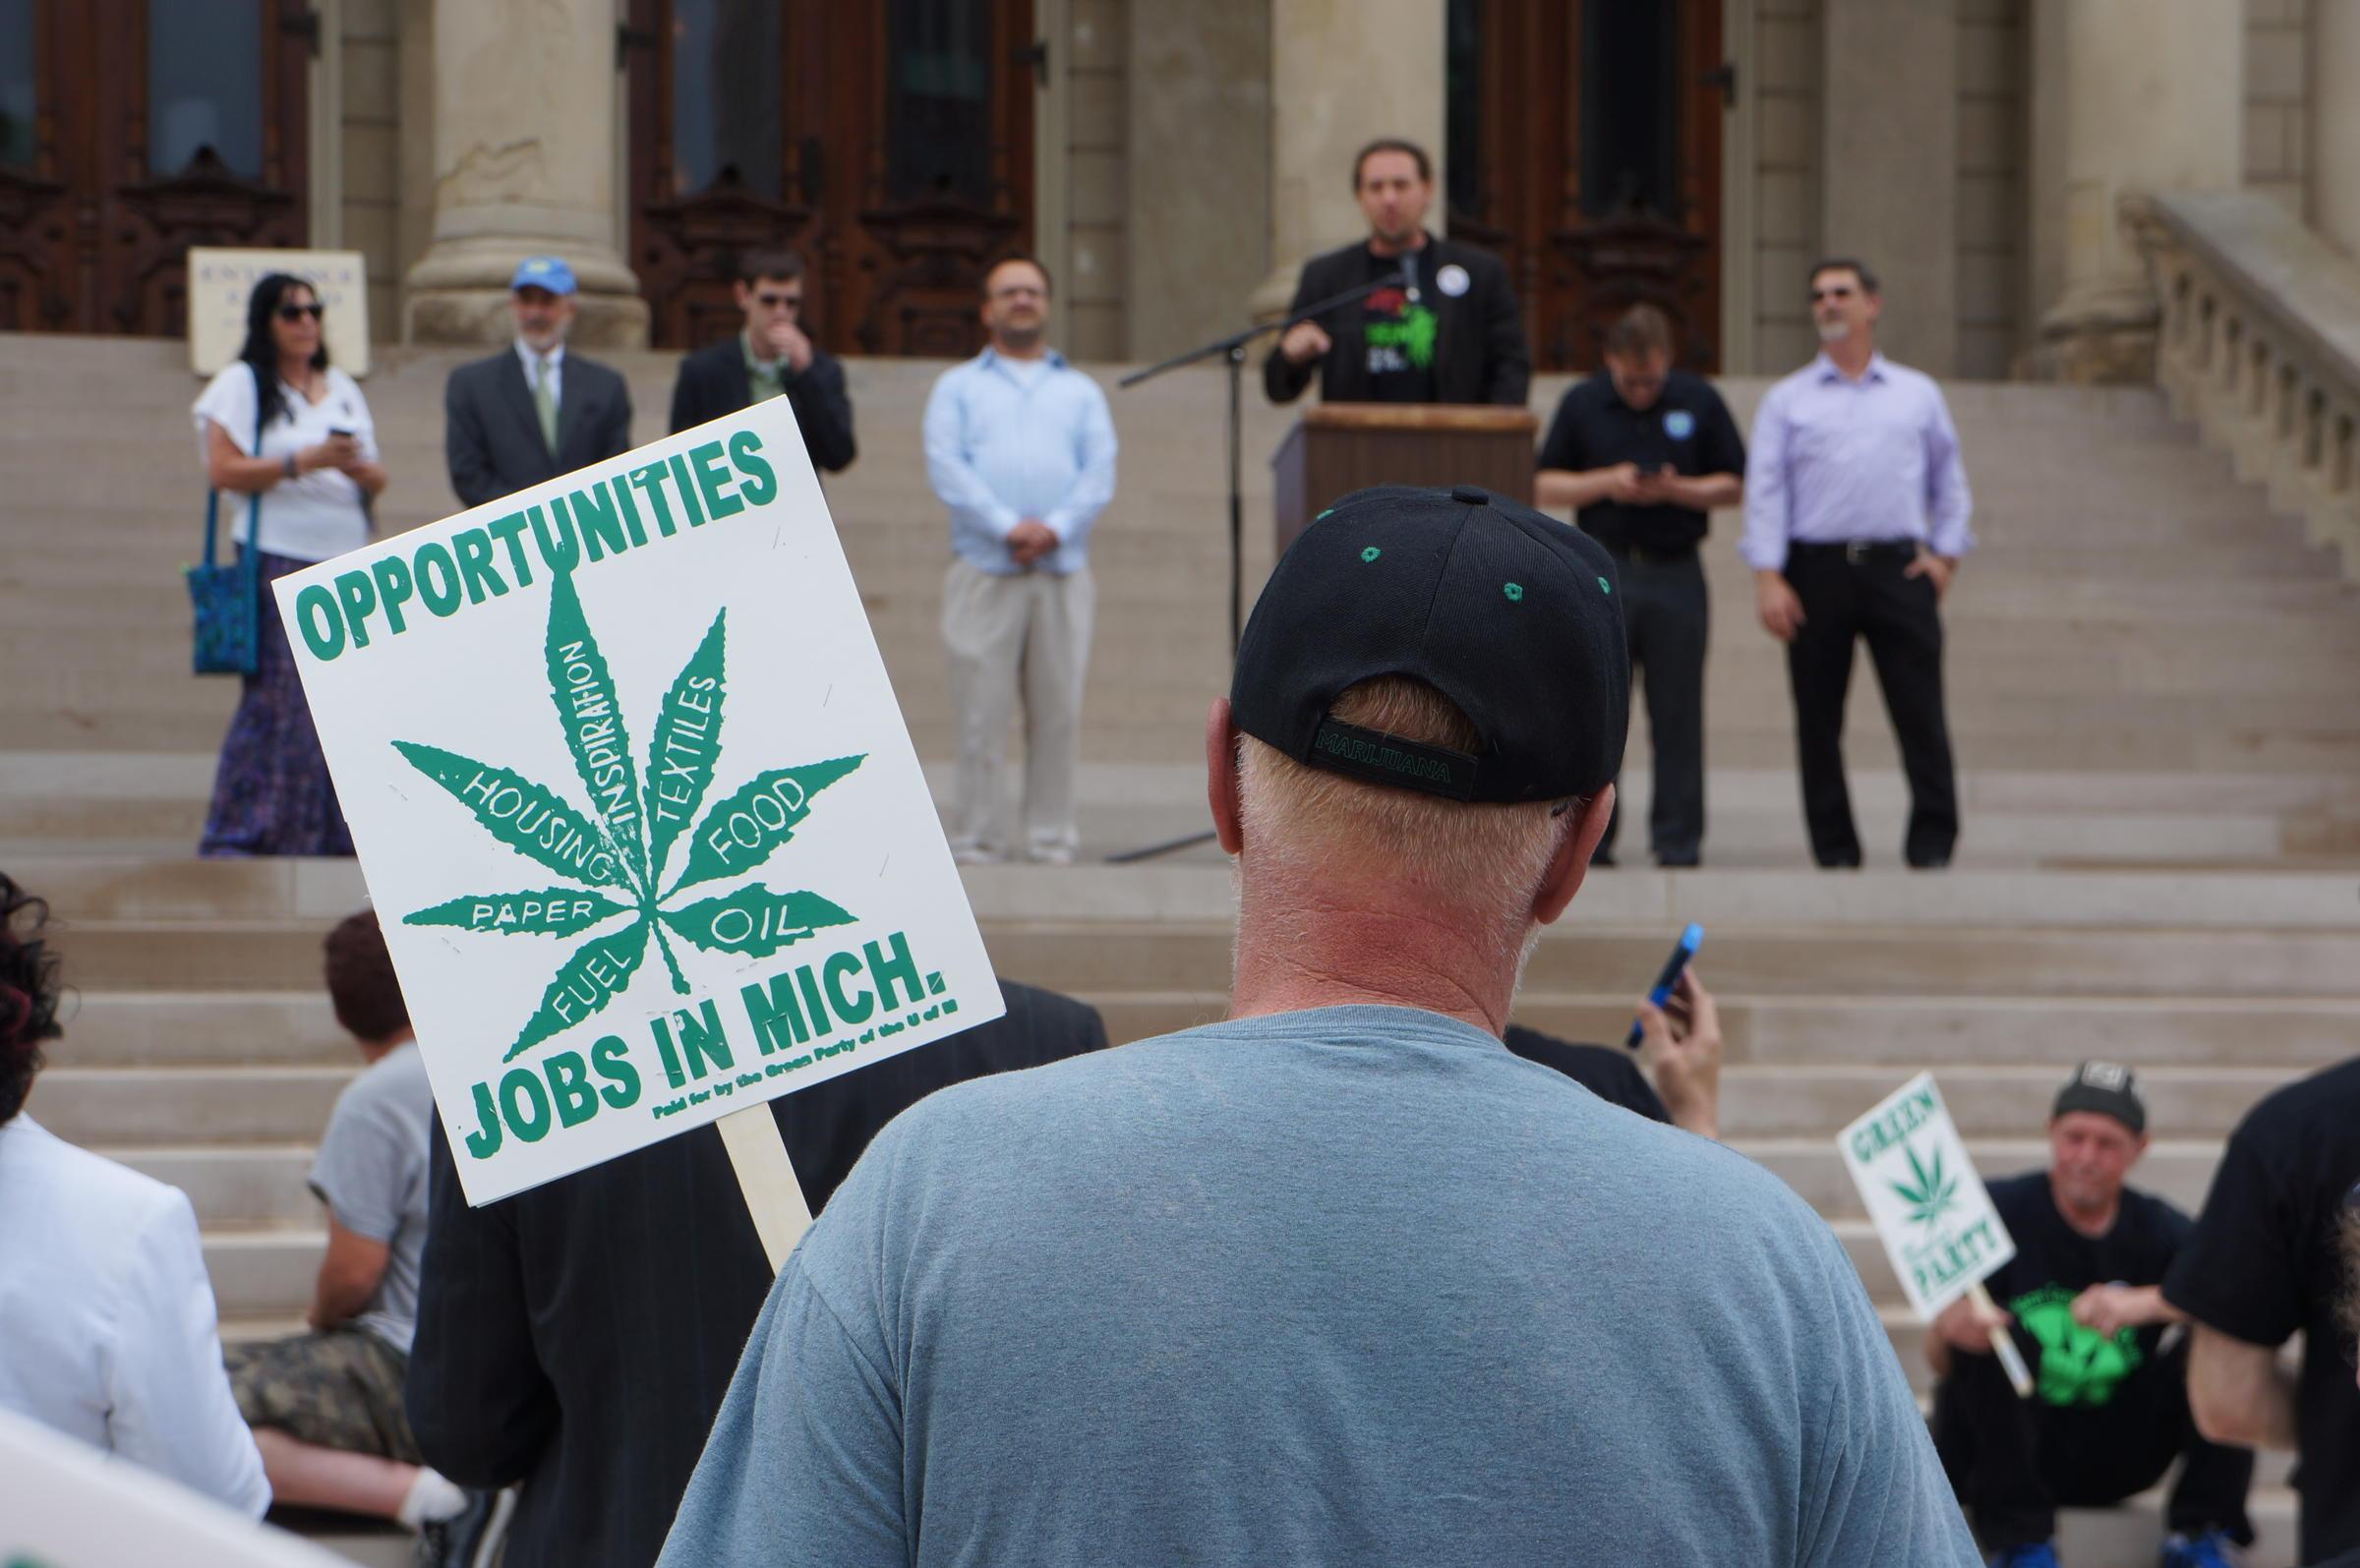 MI reverses stance, will let certain marijuana shops stay open